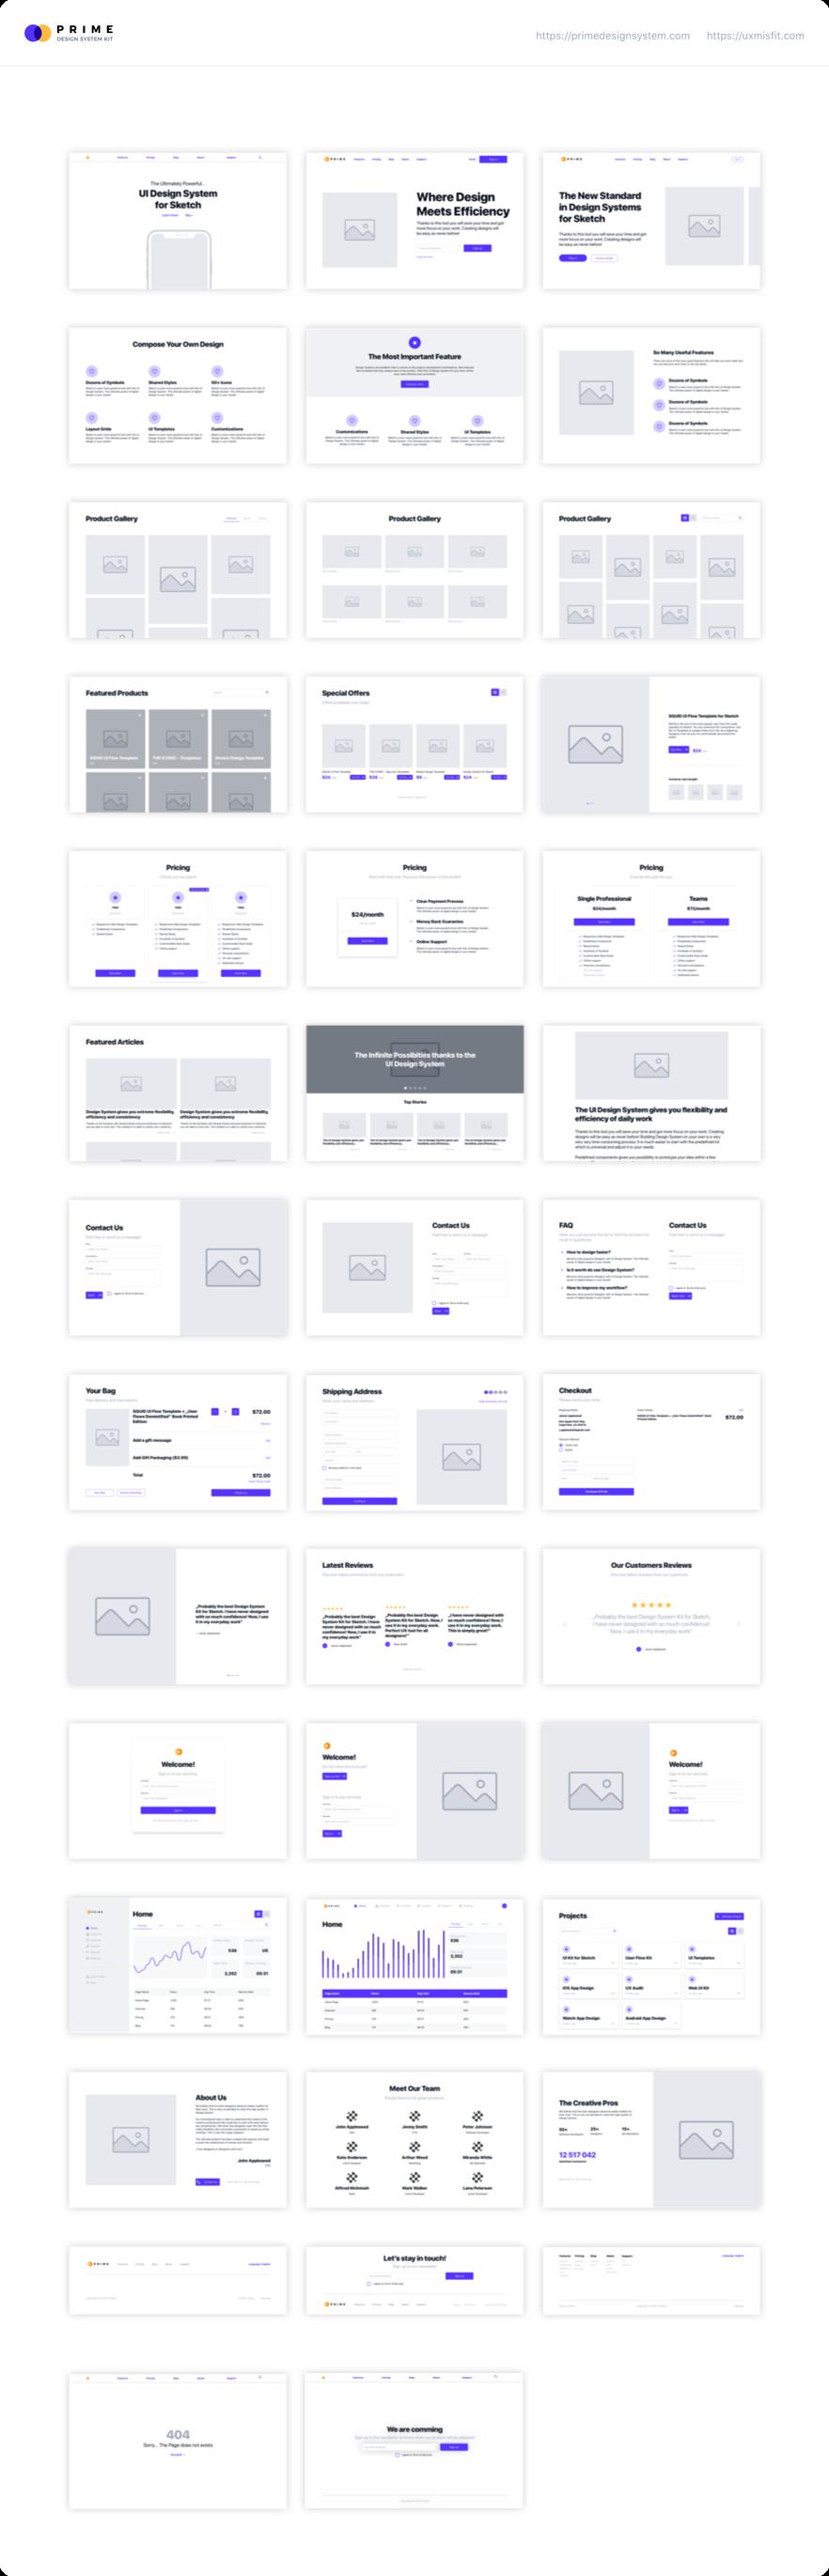 Prime Design System Kit for Sketch